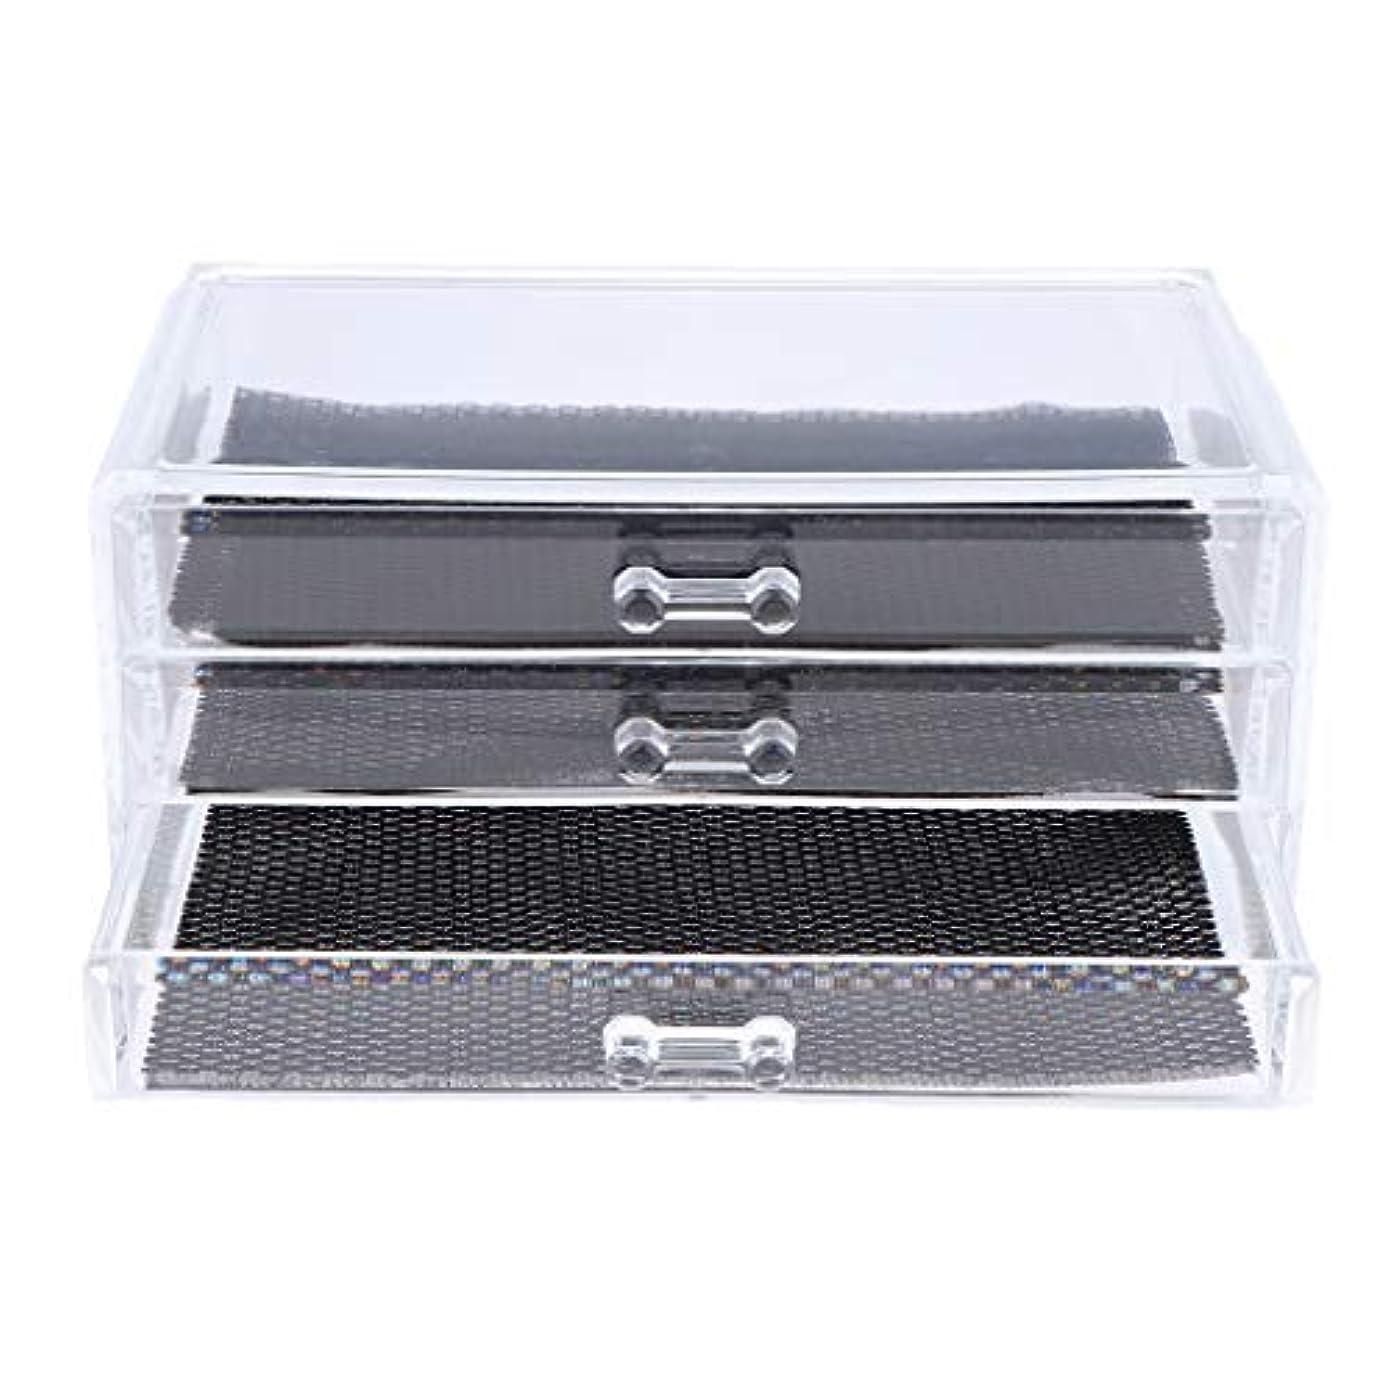 野望バレーボール合法Perfeclan 化粧品収納ボックス メイクケース 化粧品収納整理 防塵 透明 コスメ収納ボックス 引き出し式 全3種 - 3つの引き出し